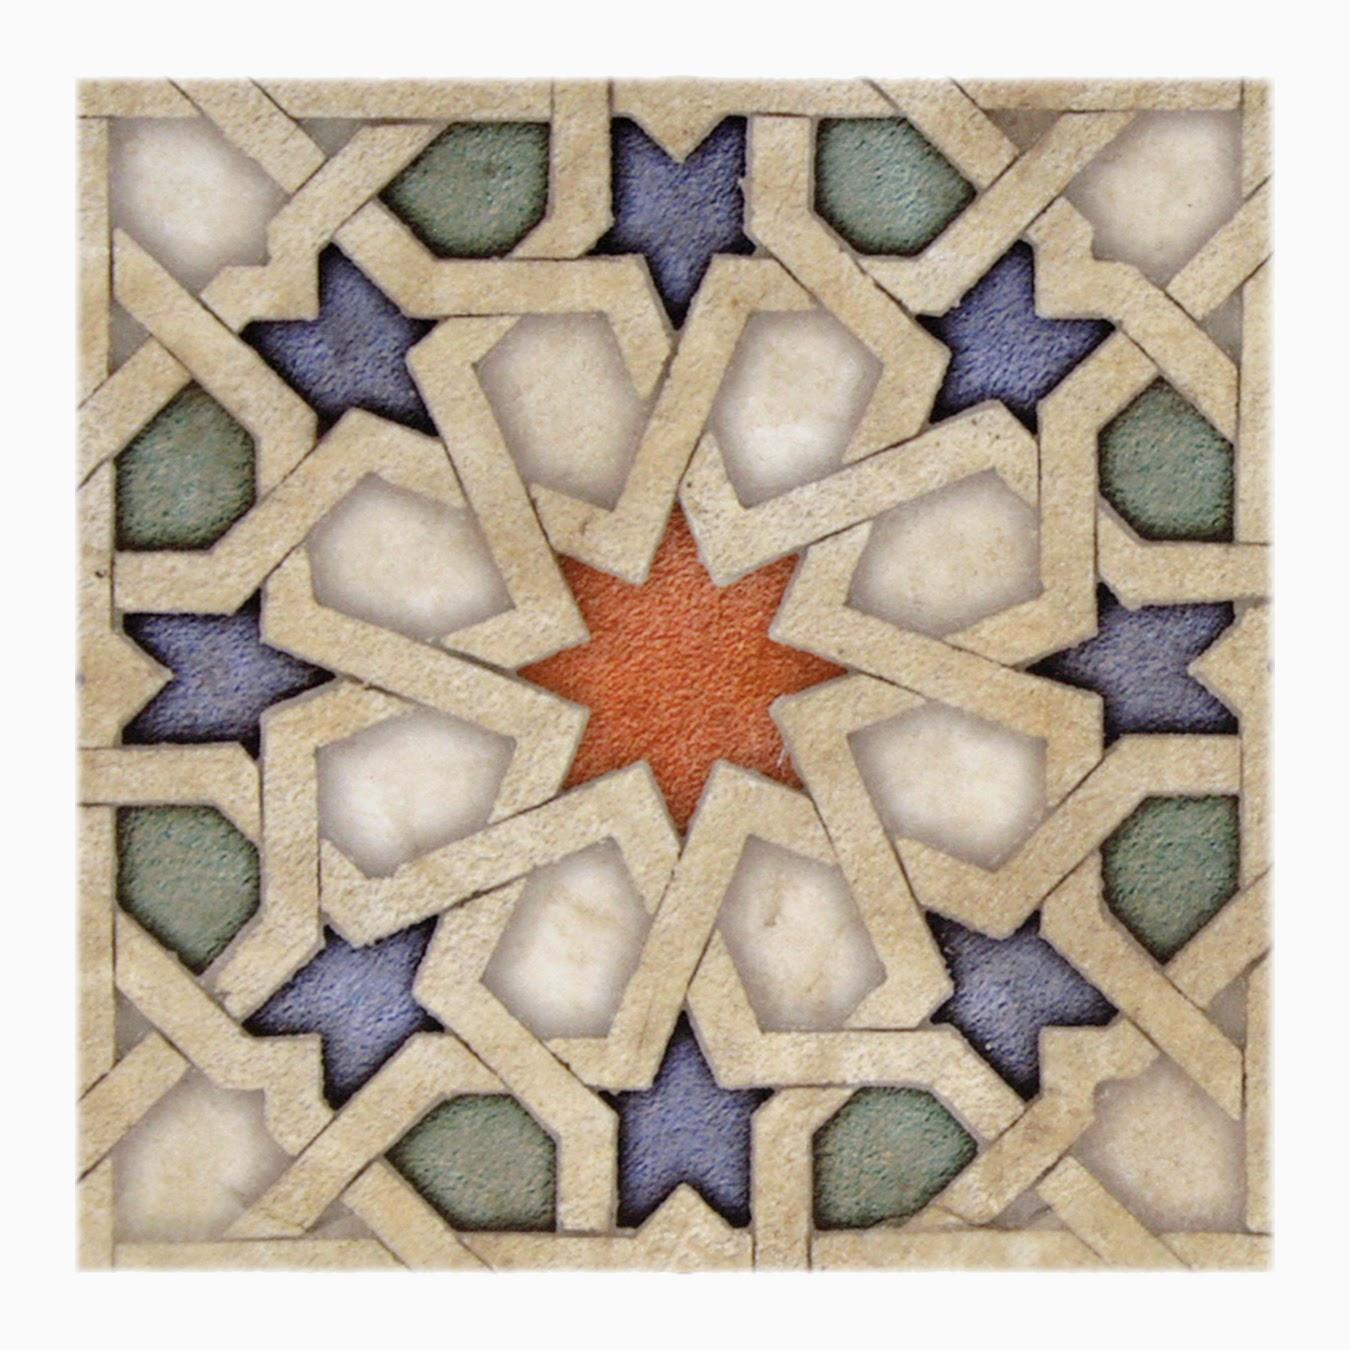 Eastern star single tile